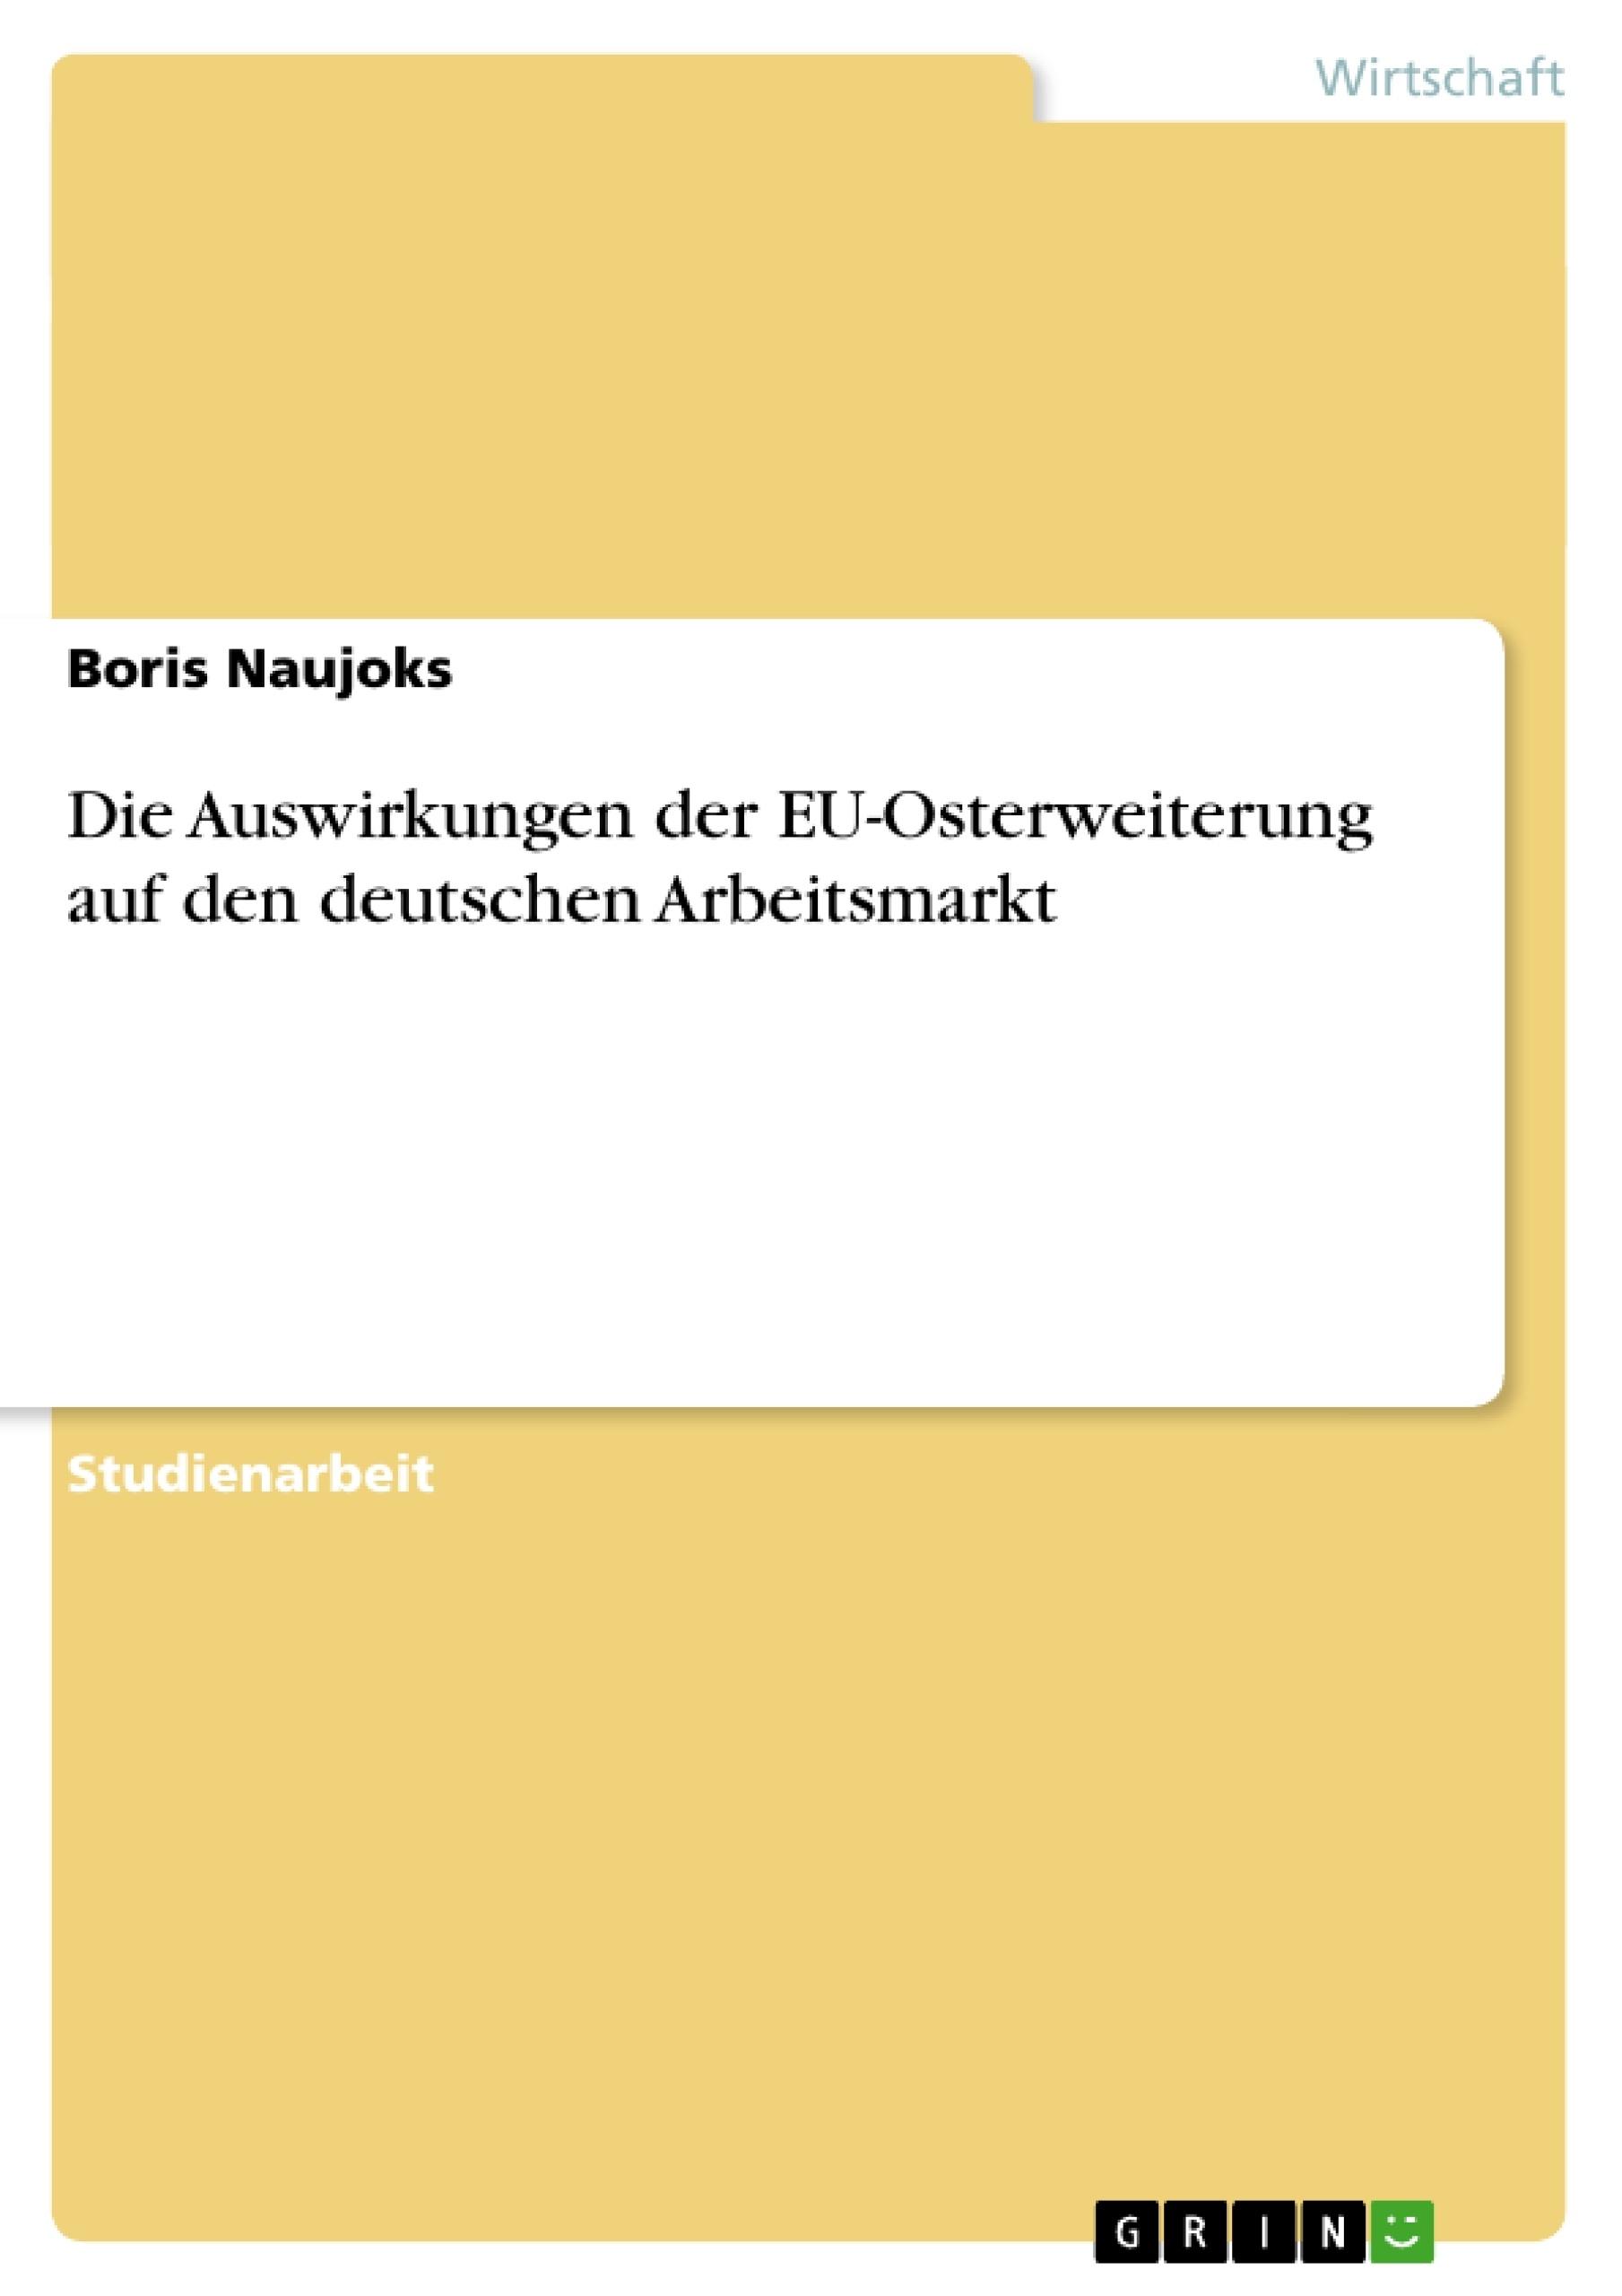 Titel: Die Auswirkungen der EU-Osterweiterung auf den deutschen Arbeitsmarkt